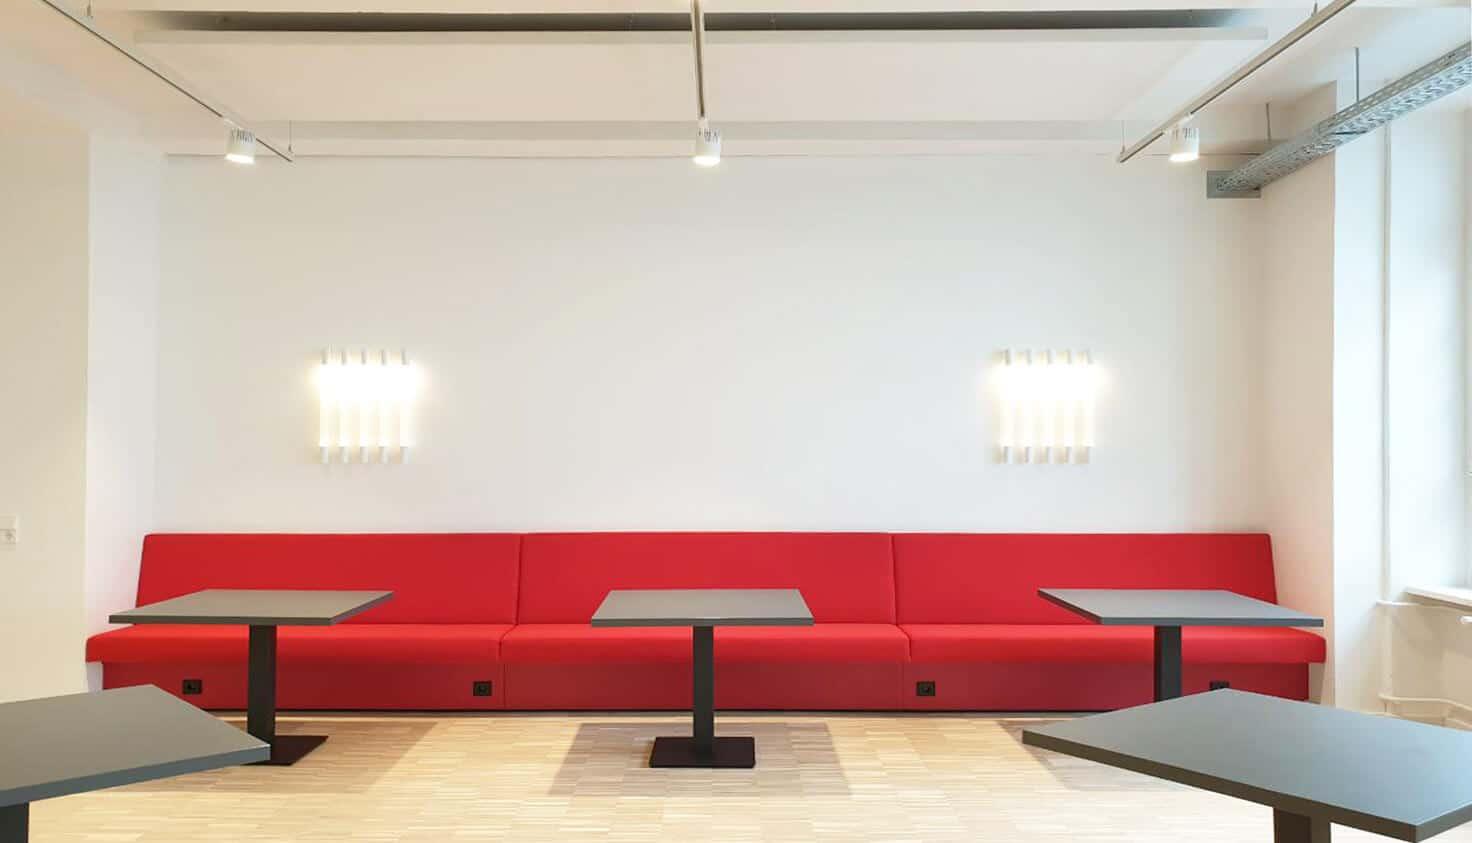 13-luxusbüros-referenz-malerbetrieb-kluge-berlin